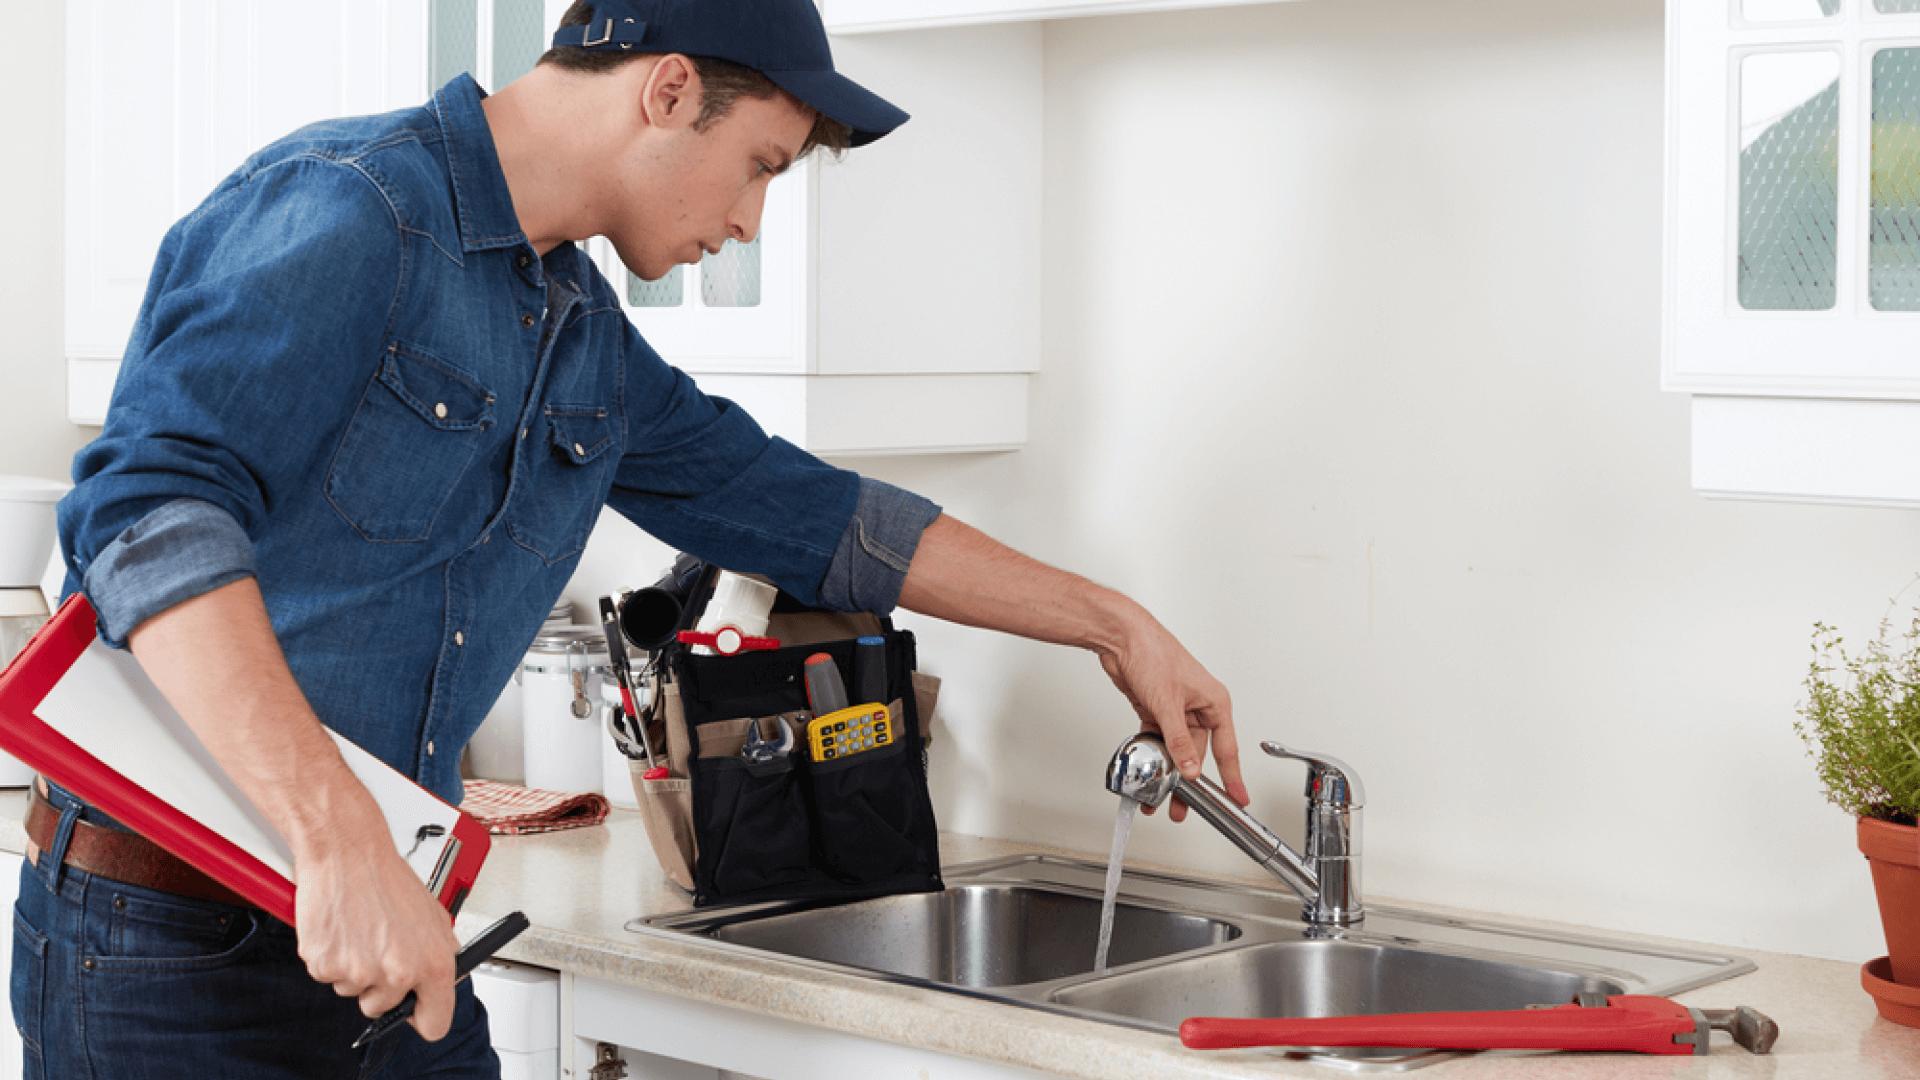 أفضل شركة نظافة منازل من الحشرات & وأفضل شركة نظافة عامة بالرياض